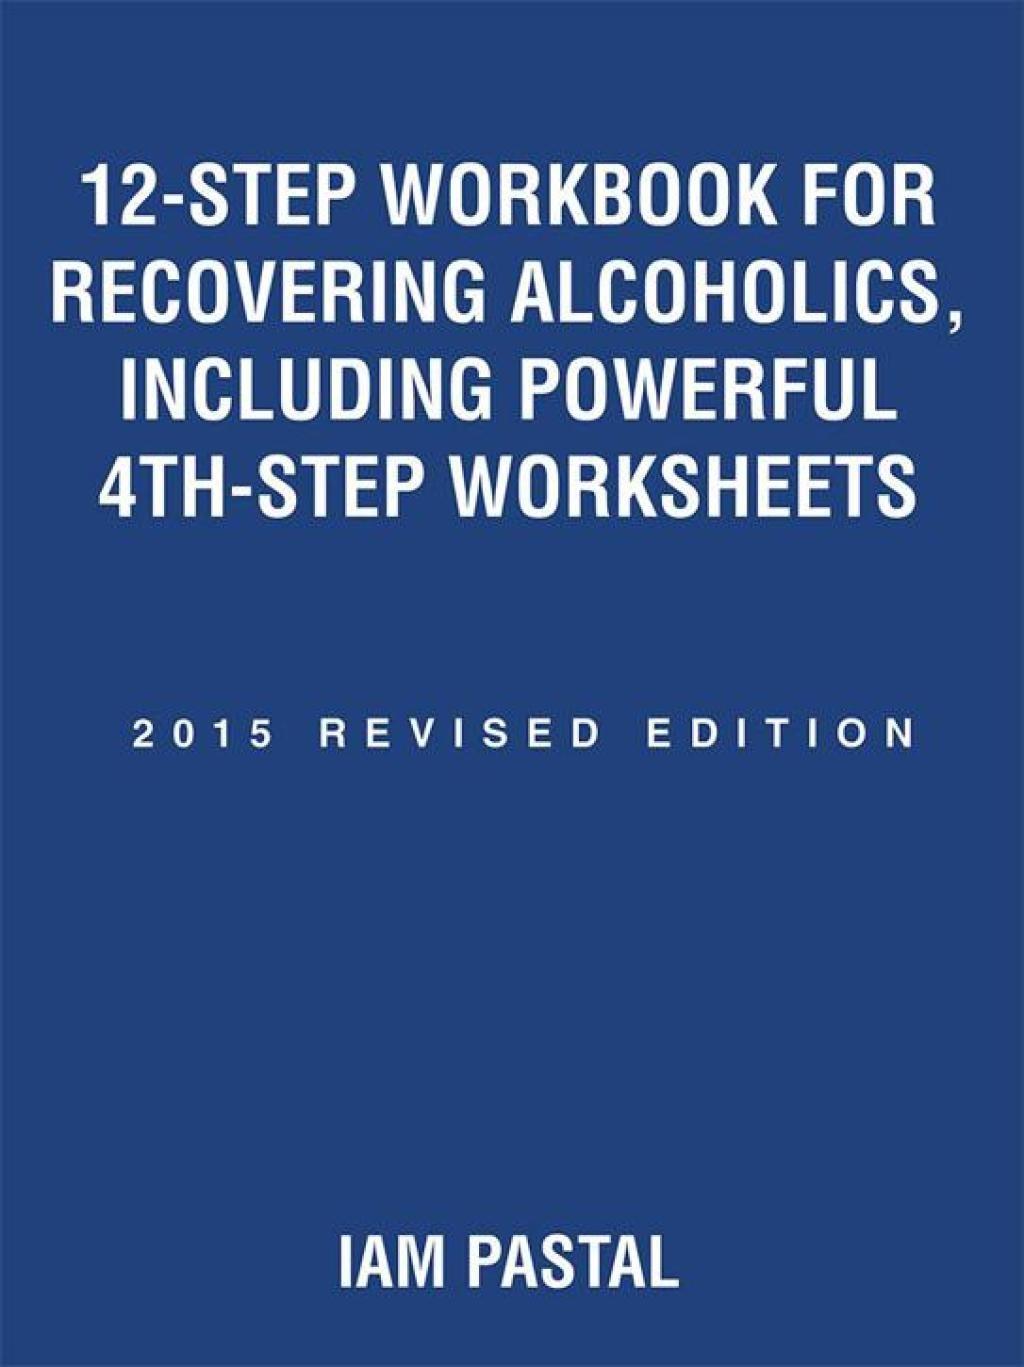 4th Step Worksheet Workbook